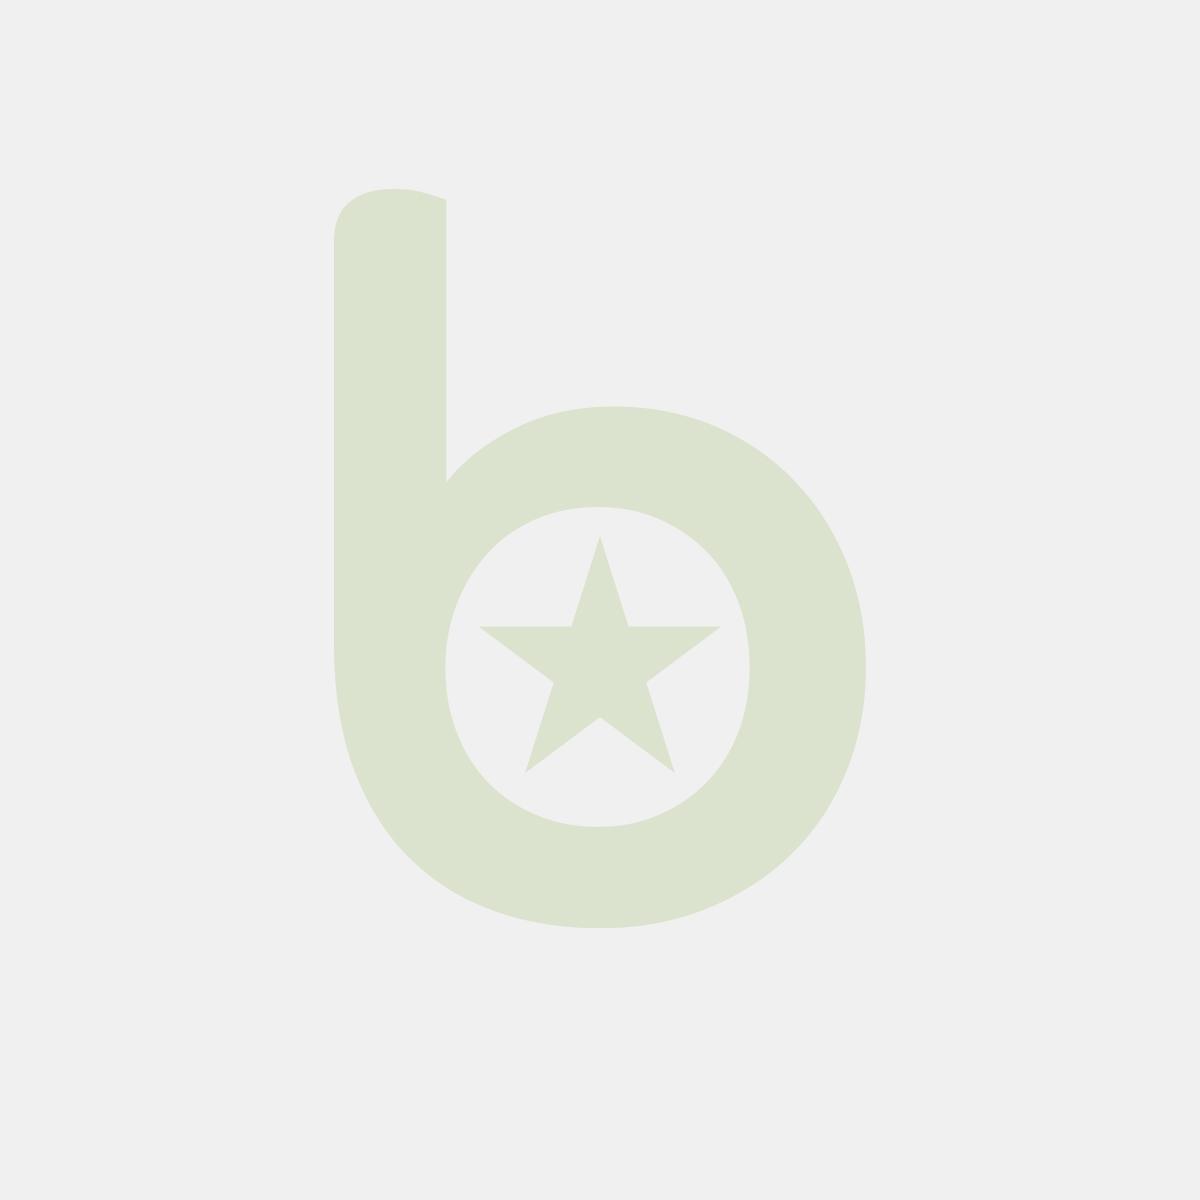 FINGERFOOD - kubek 100ml 5x6,2x6,2cm PS transparentny op. 25 sztuk